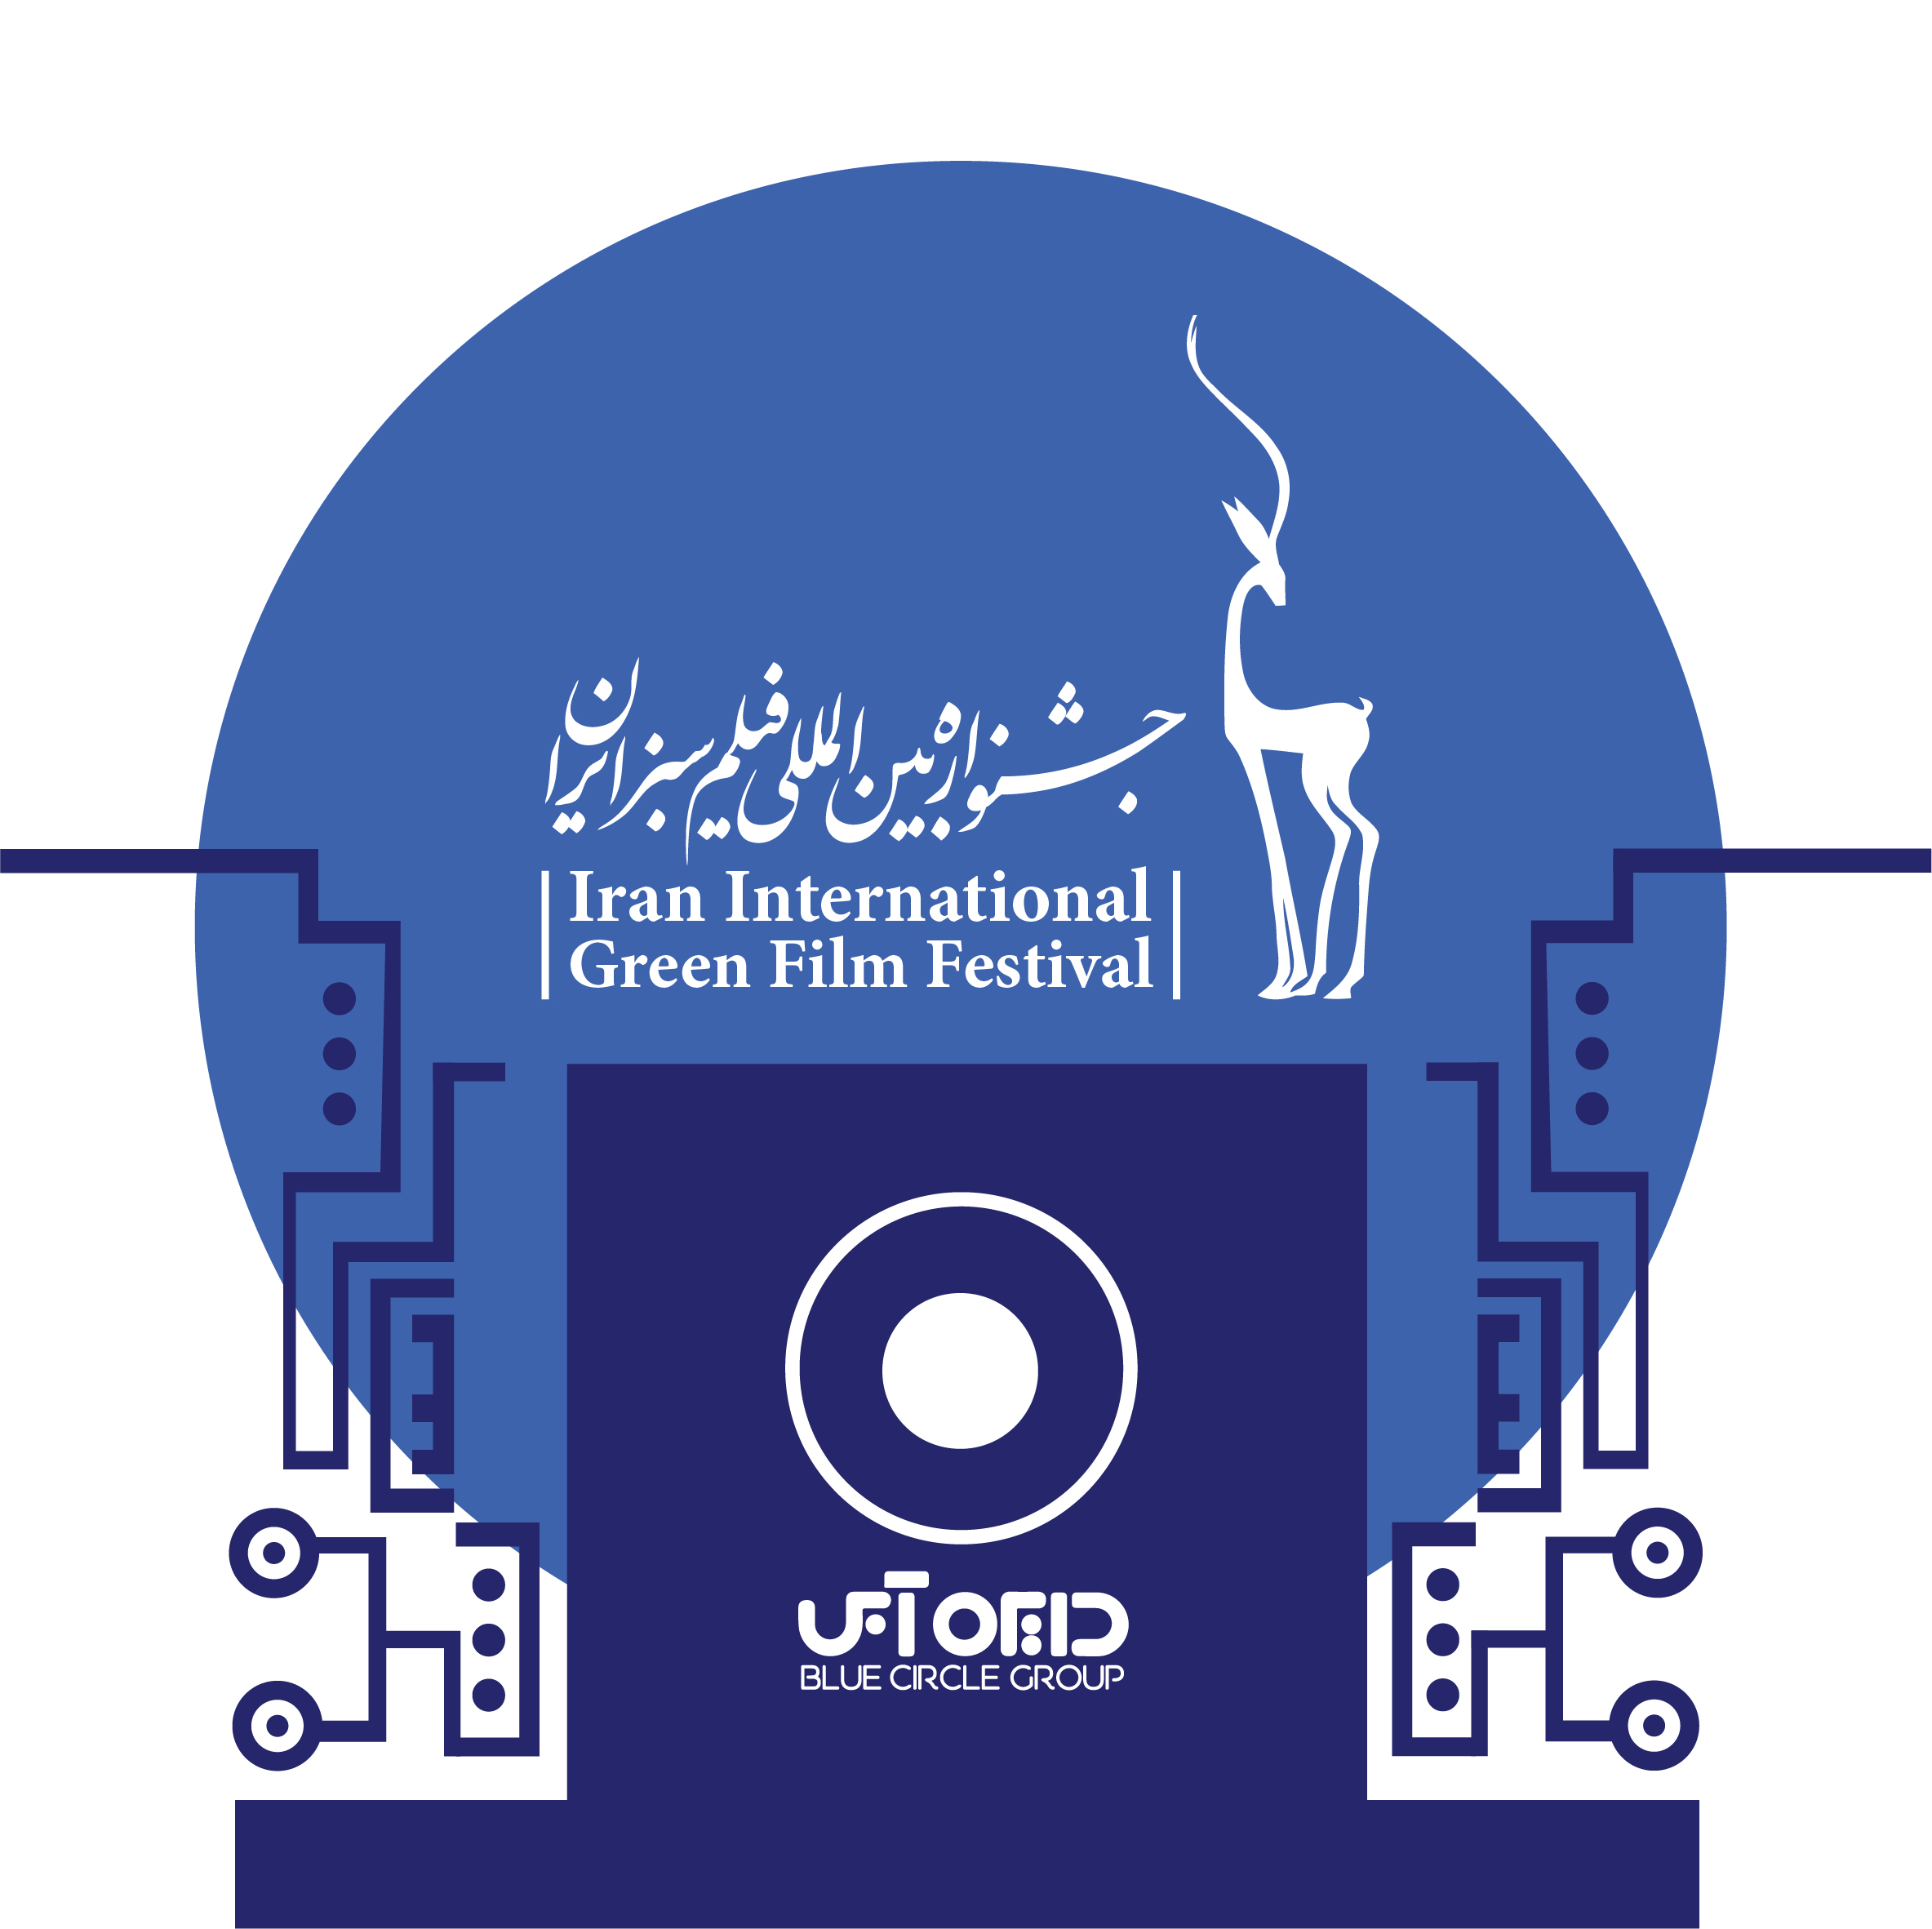 کانون هنر و زیست بوم دایره آبی حامی جشنواره بین المللی فیلم سبز ایران